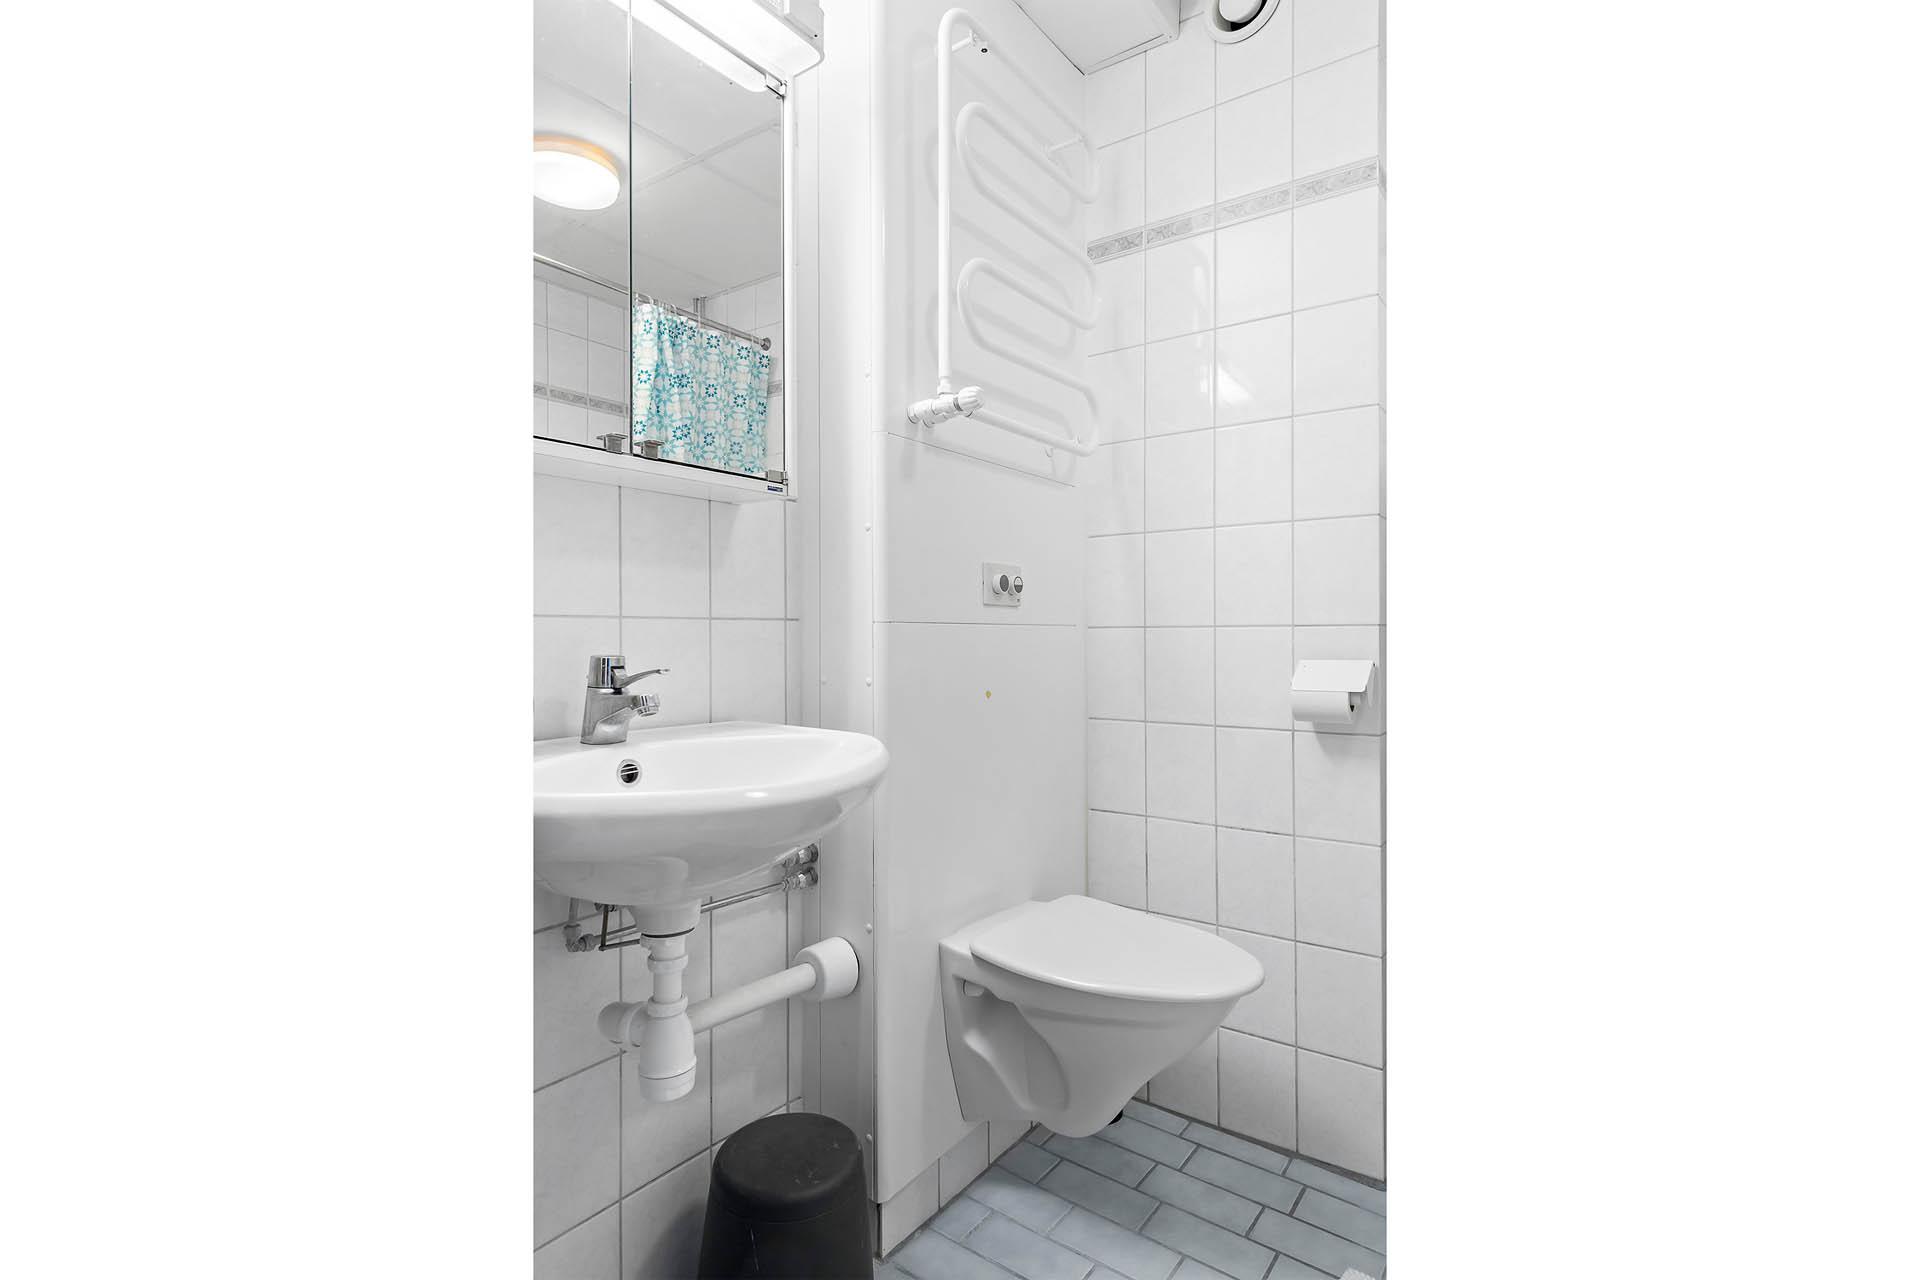 Del av badrum med kakel och klinkers